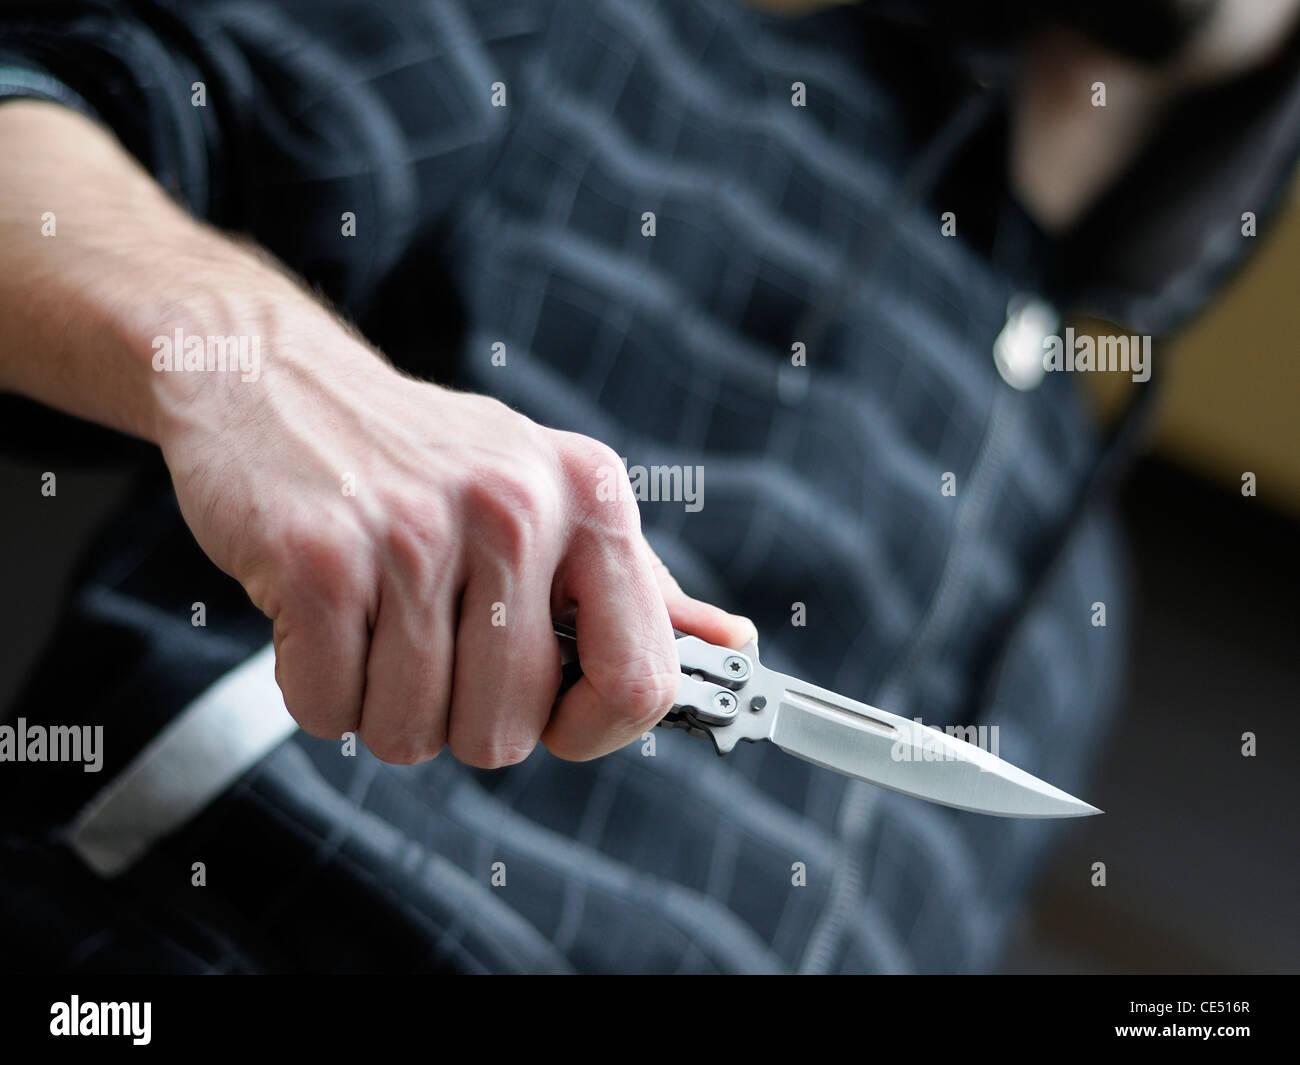 Crimen de cuchilla. Hombres encapuchados blandiendo un cuchillo de mariposa. Imagen De Stock